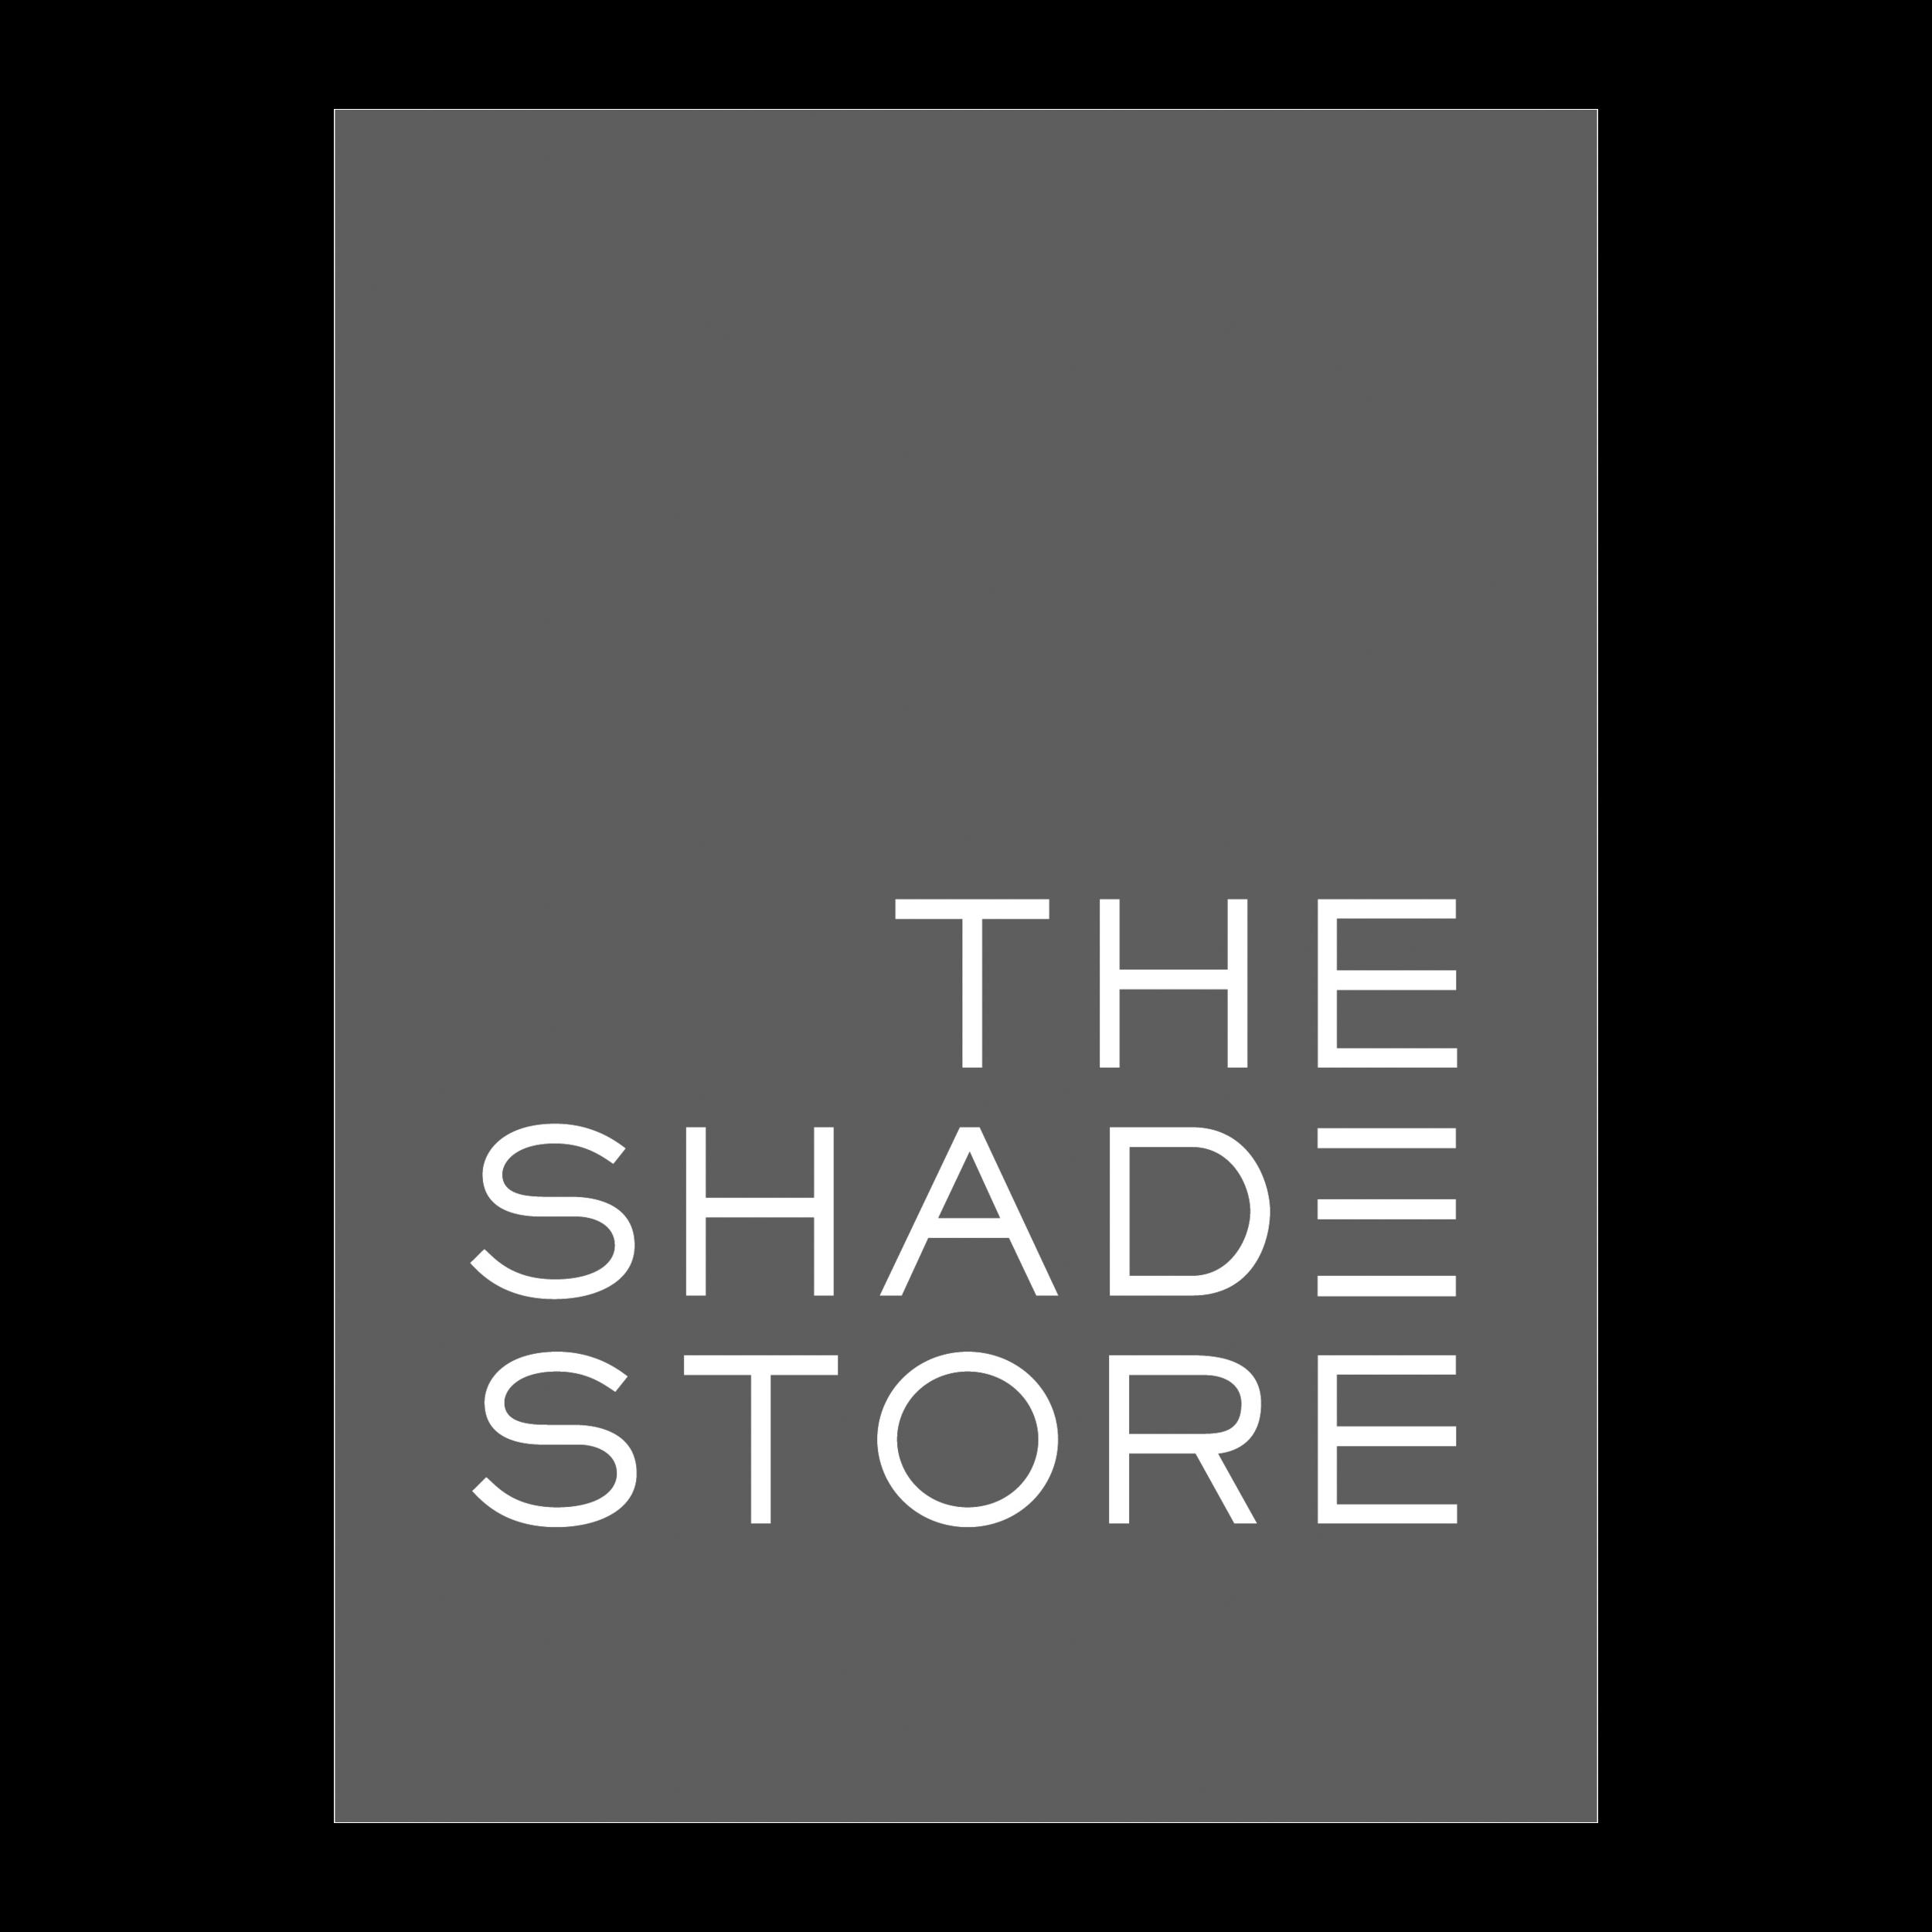 ShadeStore_BW.png